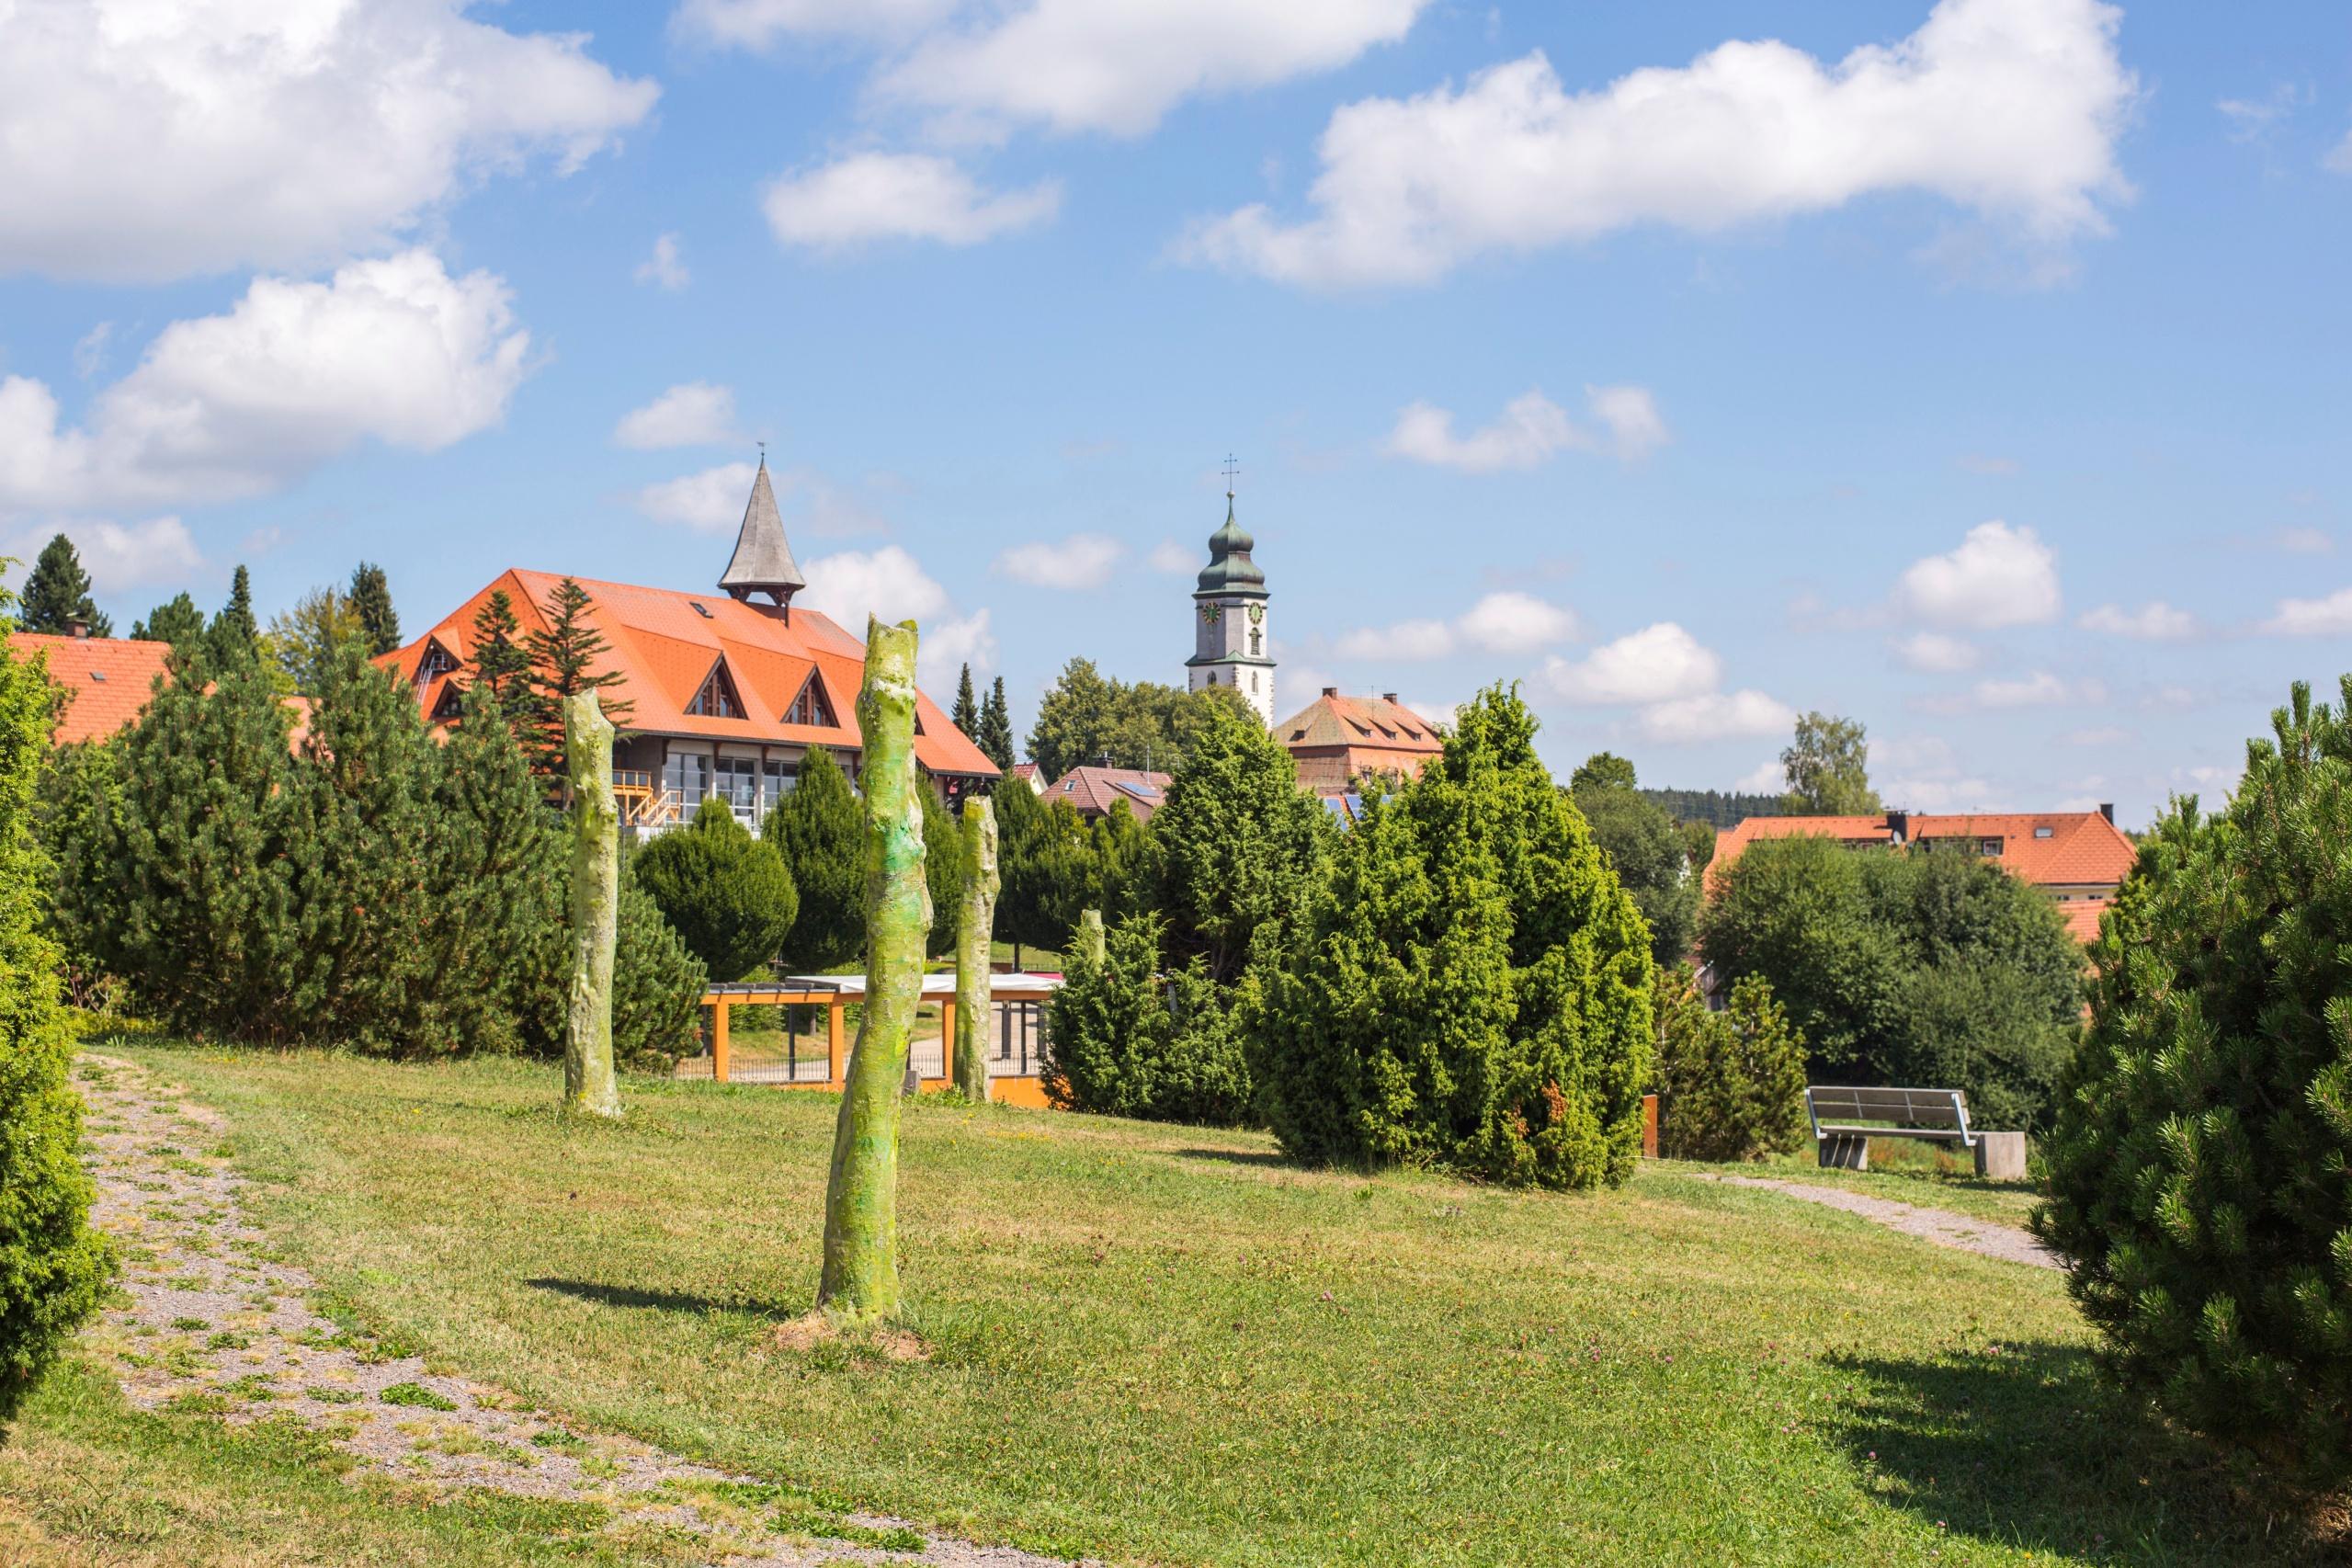 Skulpturenpark Grafenhausen